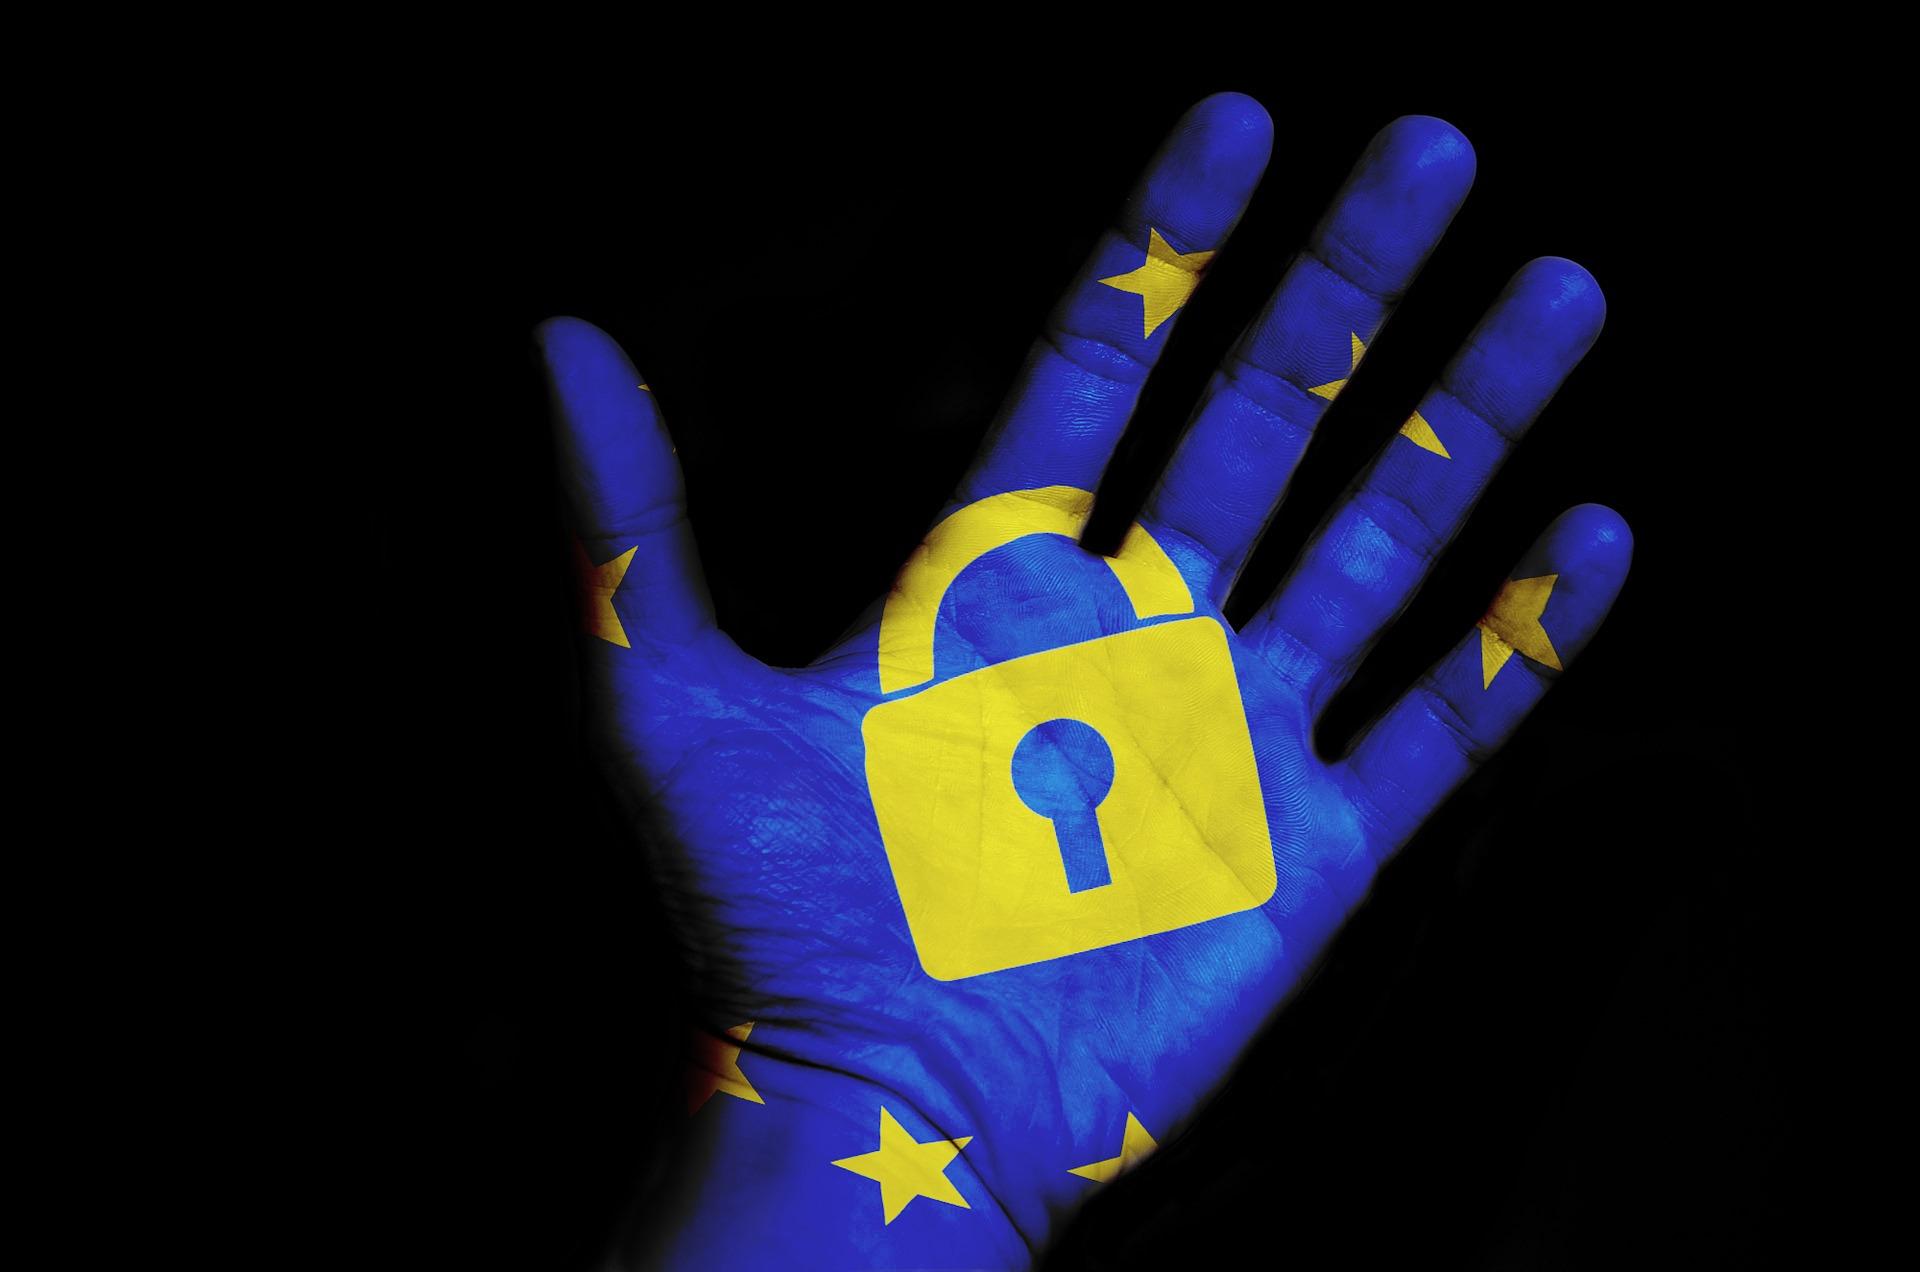 Blaue Hand mit gelben Sternen (EU) und in der Mitter der Hand ist ein gelbes Schloss